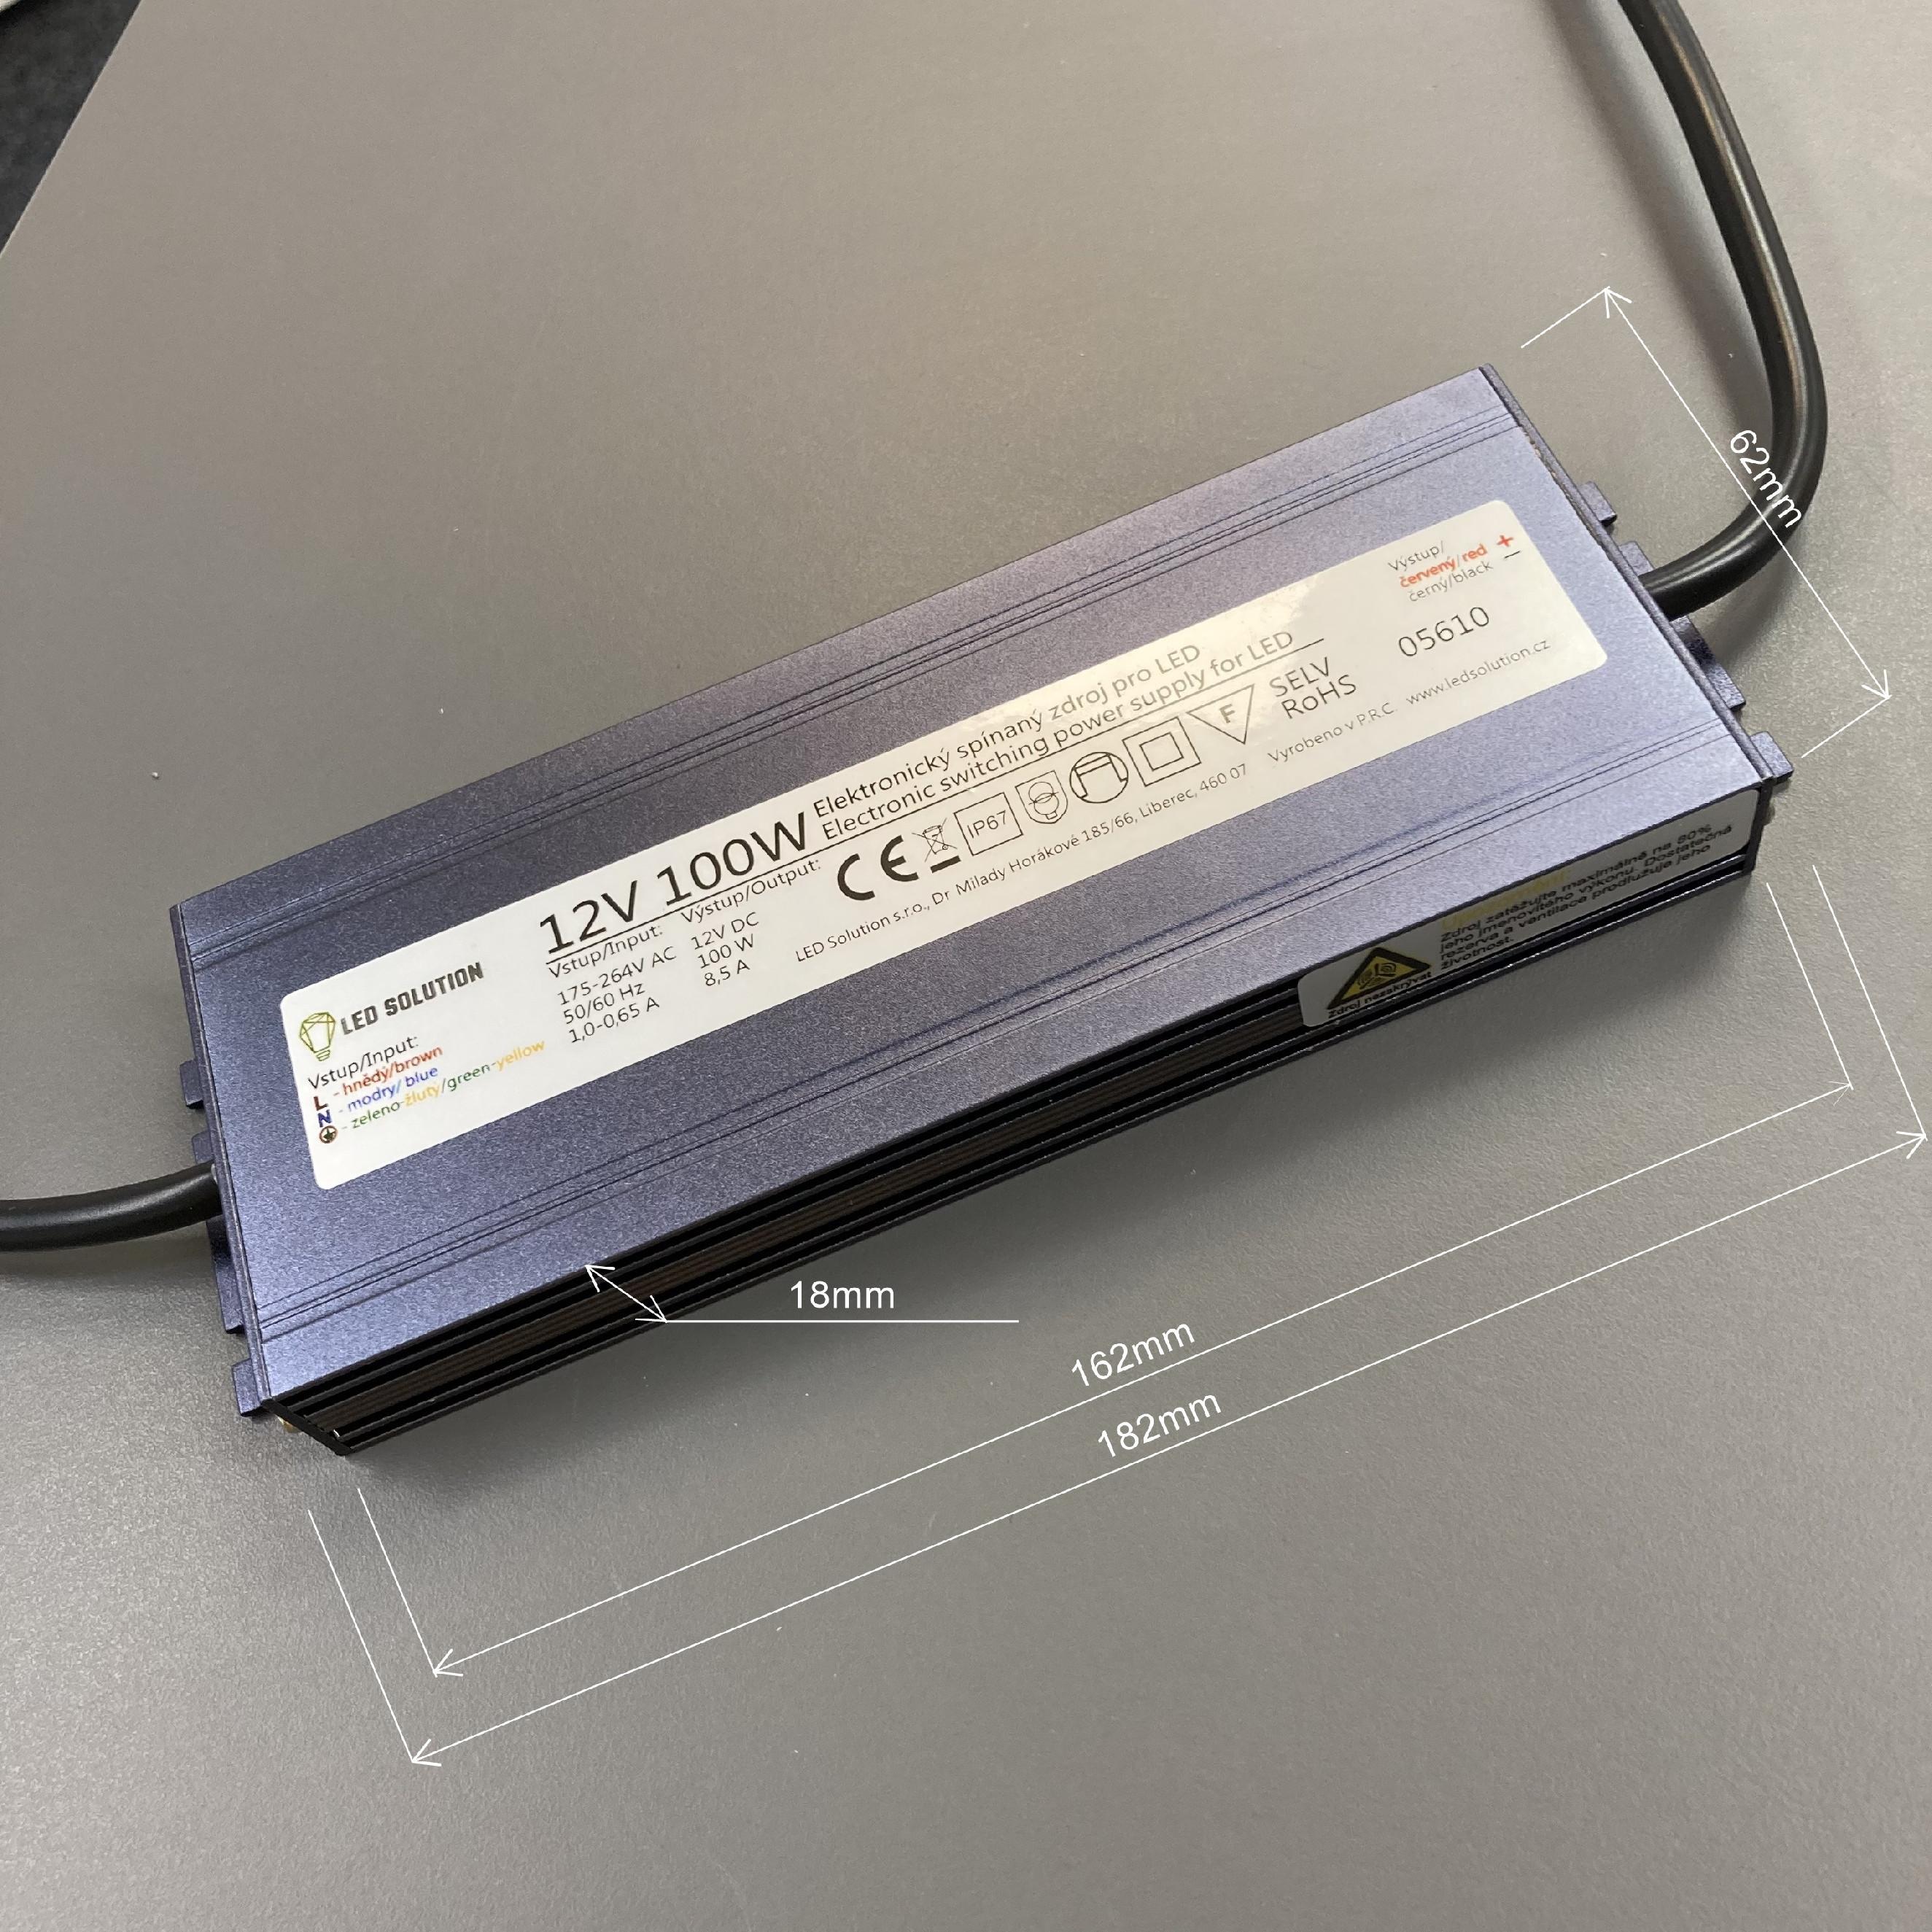 T-LED LED zdroj (trafo) 12V 100W IP67 SLIM